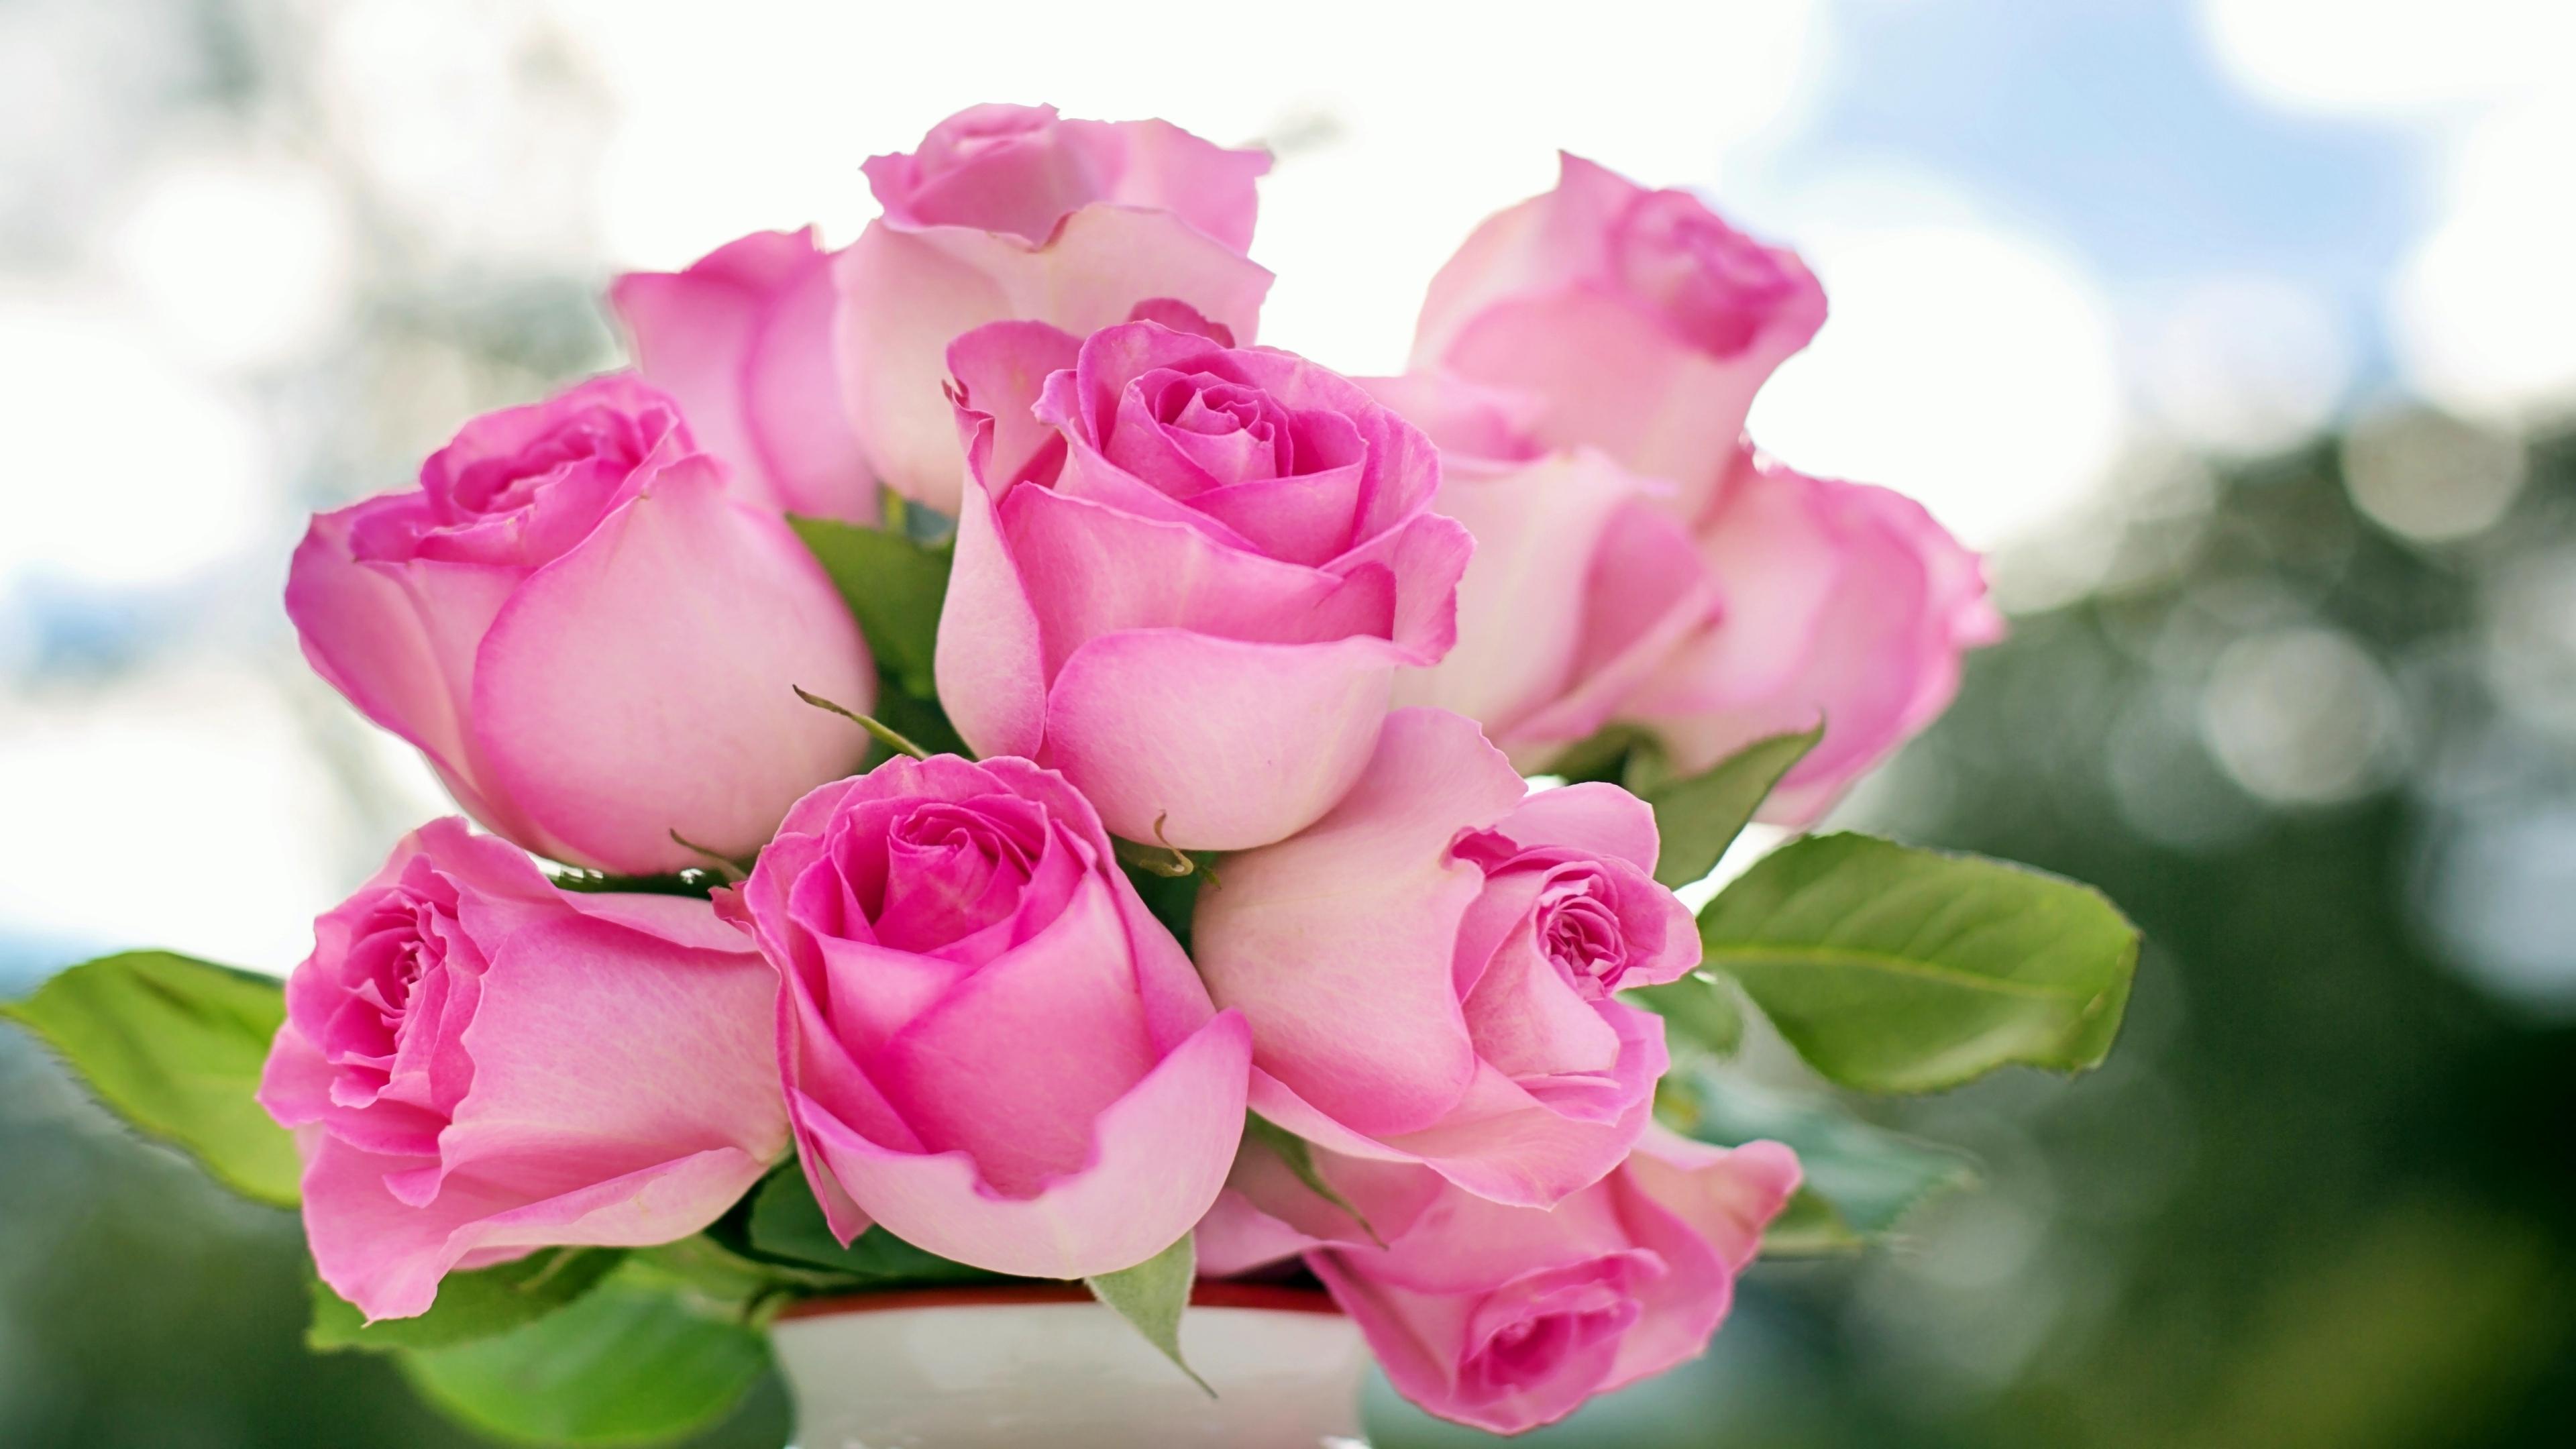 Hintergrundbilder Rosen Pink